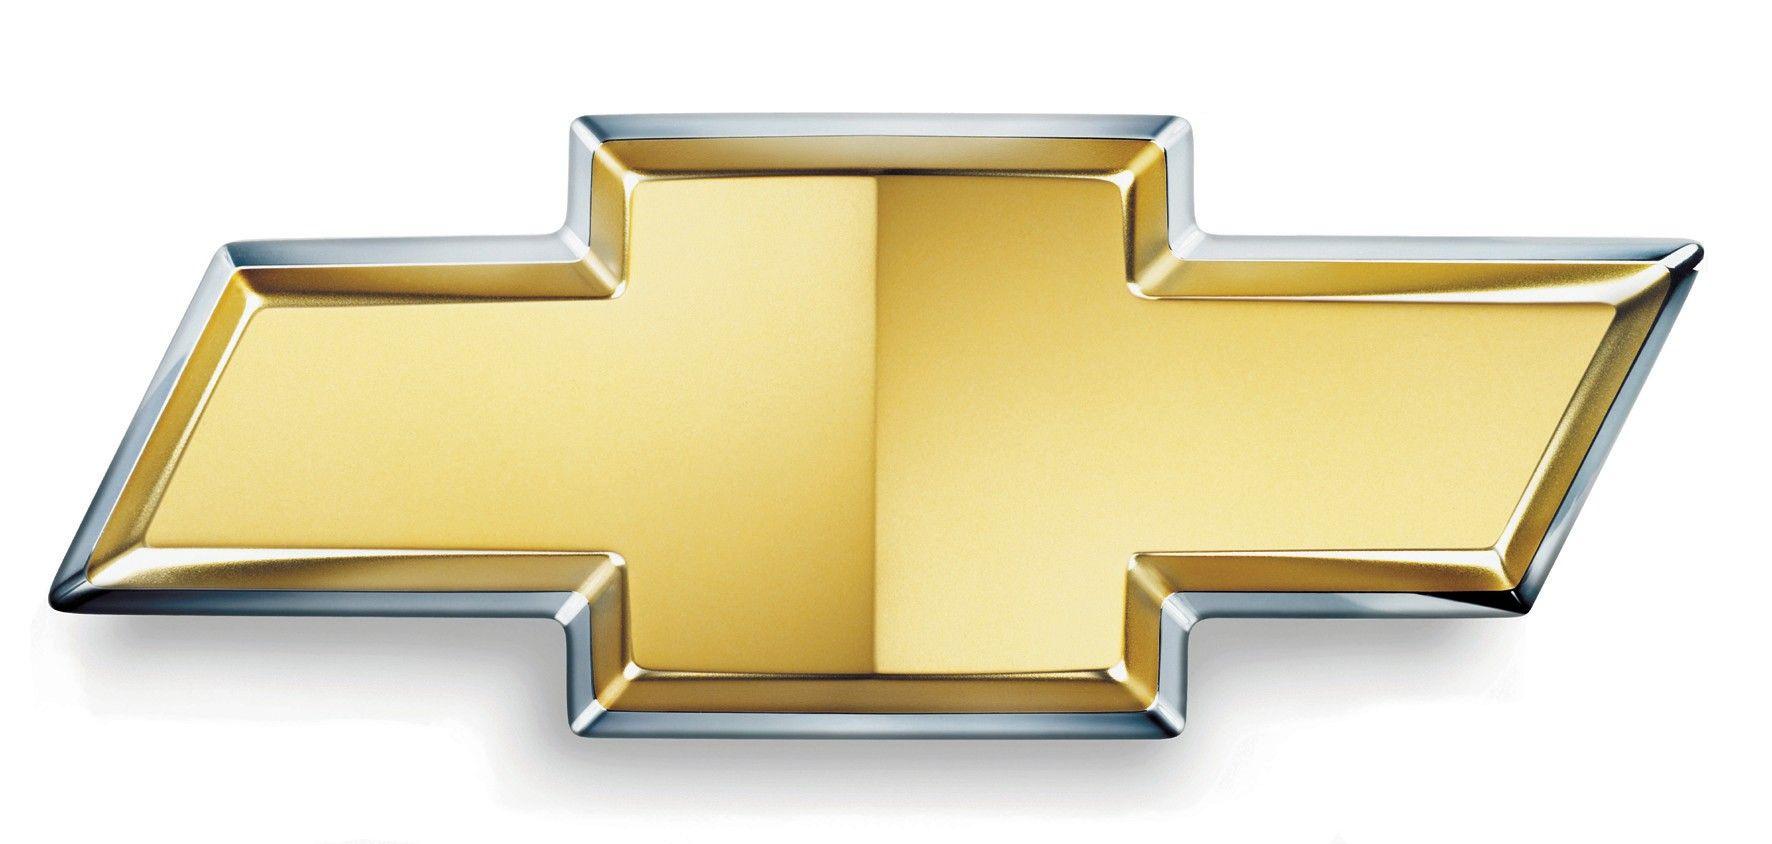 أسعار سيارات شيفروليه 2016 بعد الزيادة الجديدة Chevrolet Logo